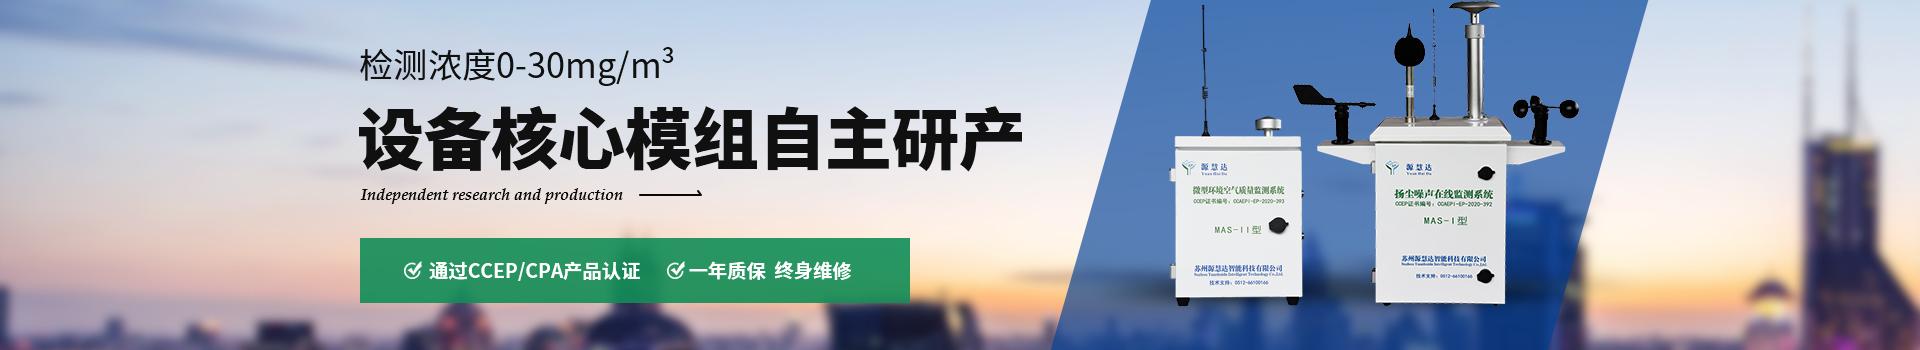 源慧达 设备核心模组 自主研产